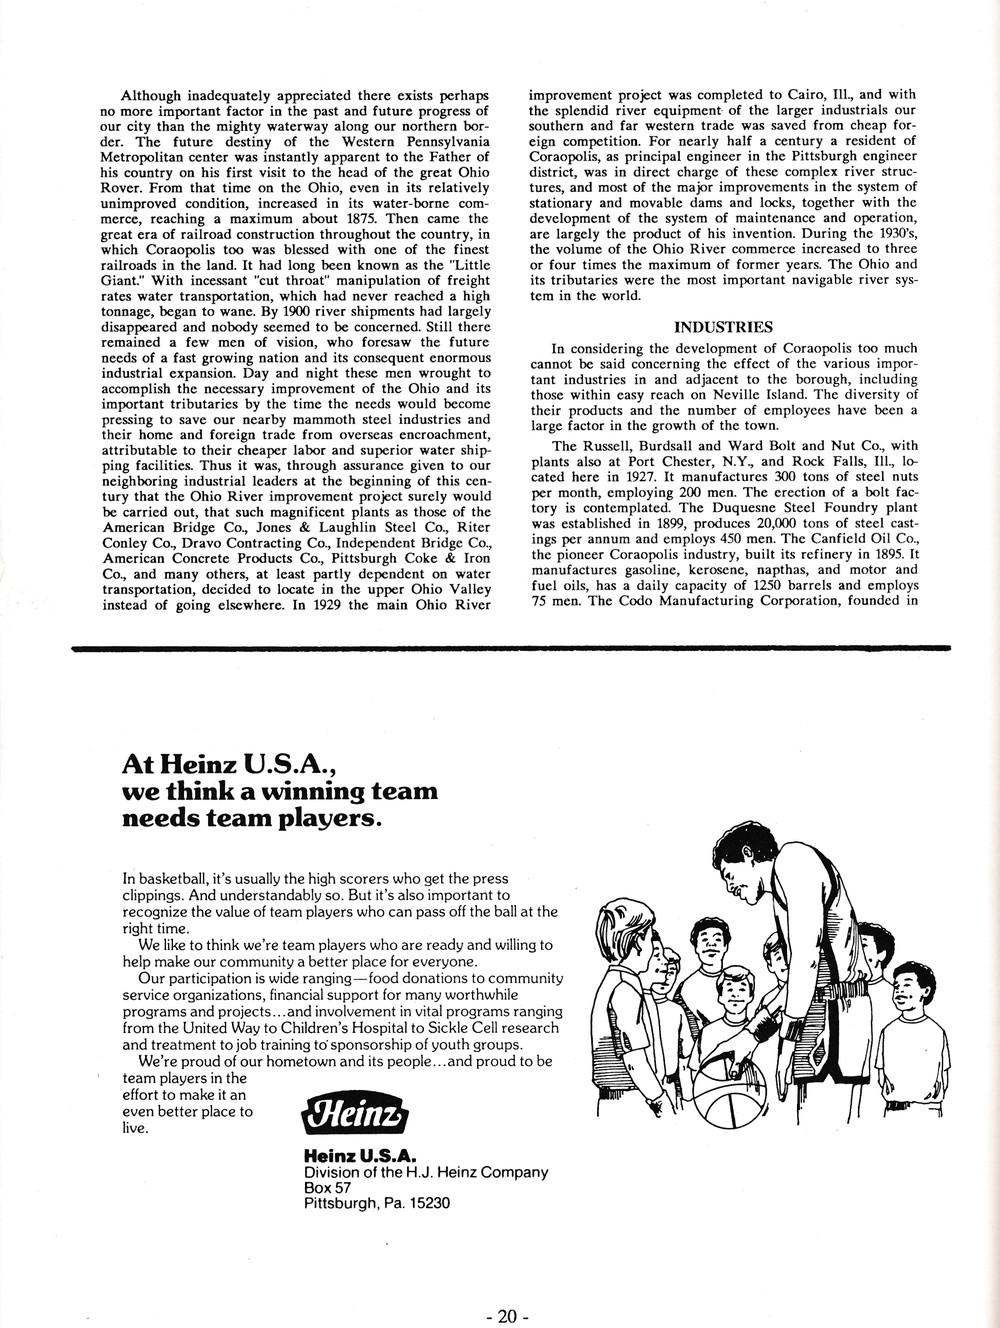 Coraopolis Centennial Booklet (22).jpg